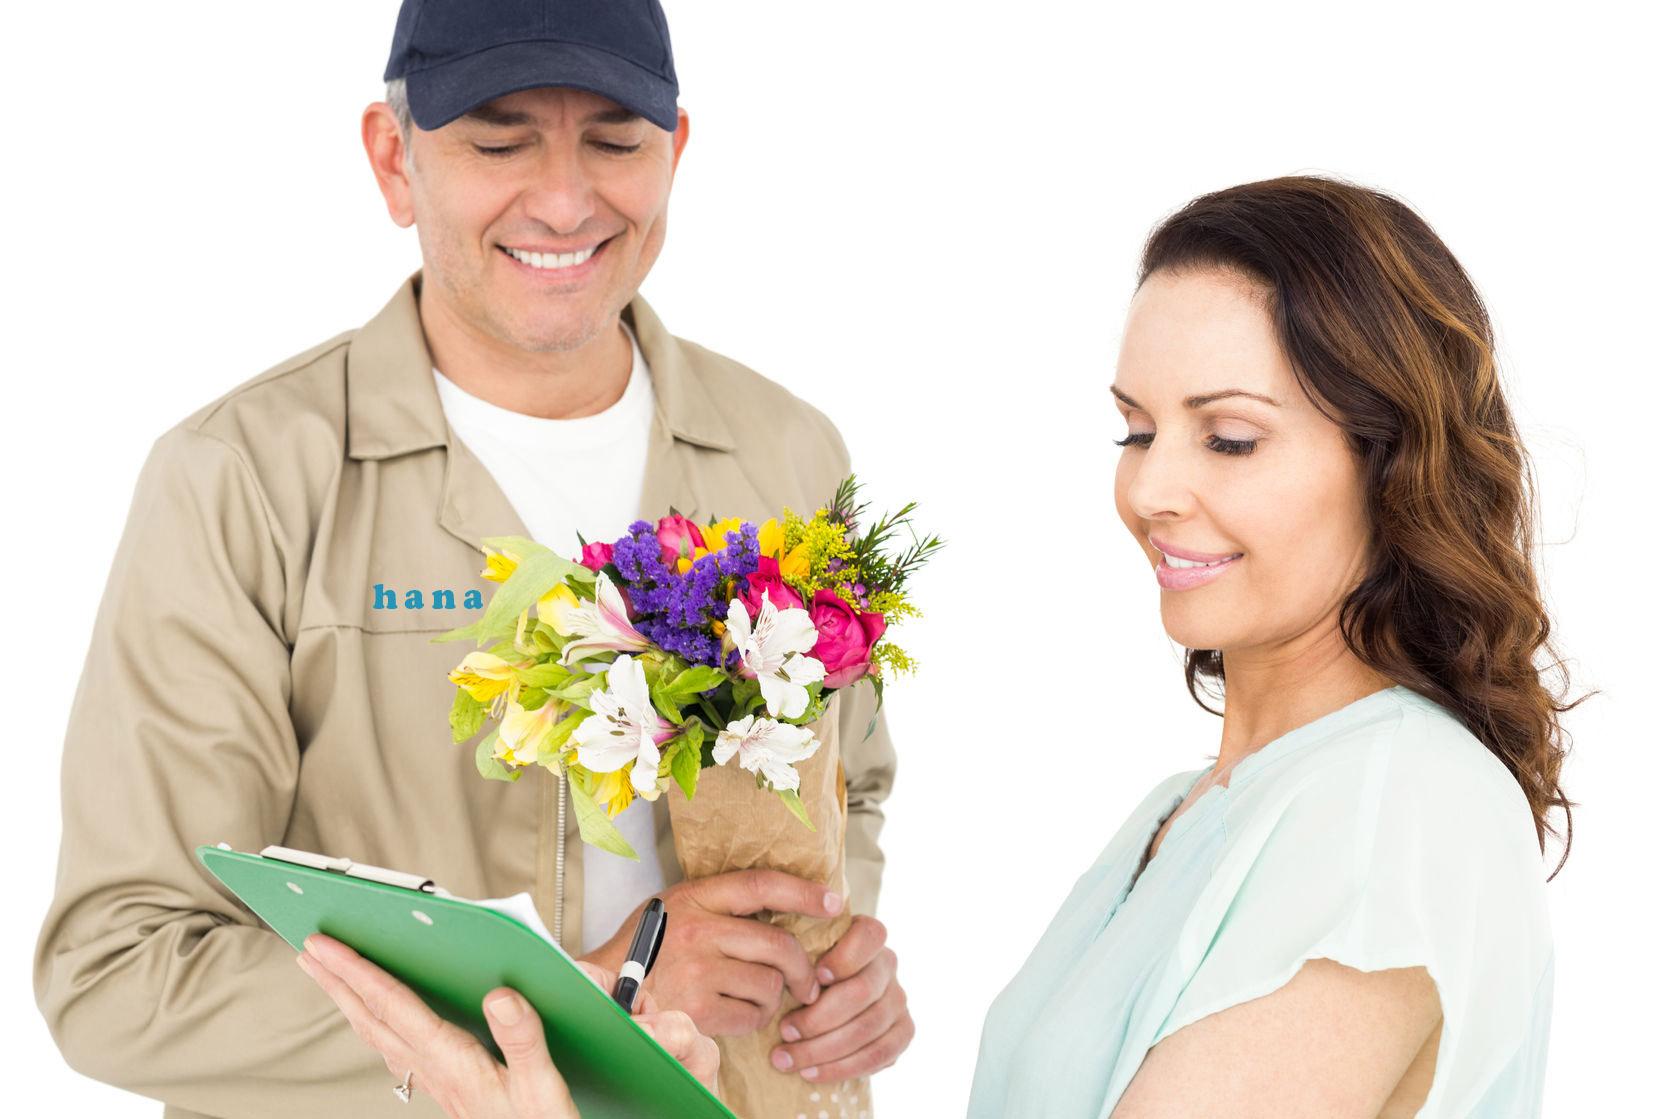 Hana florist POS